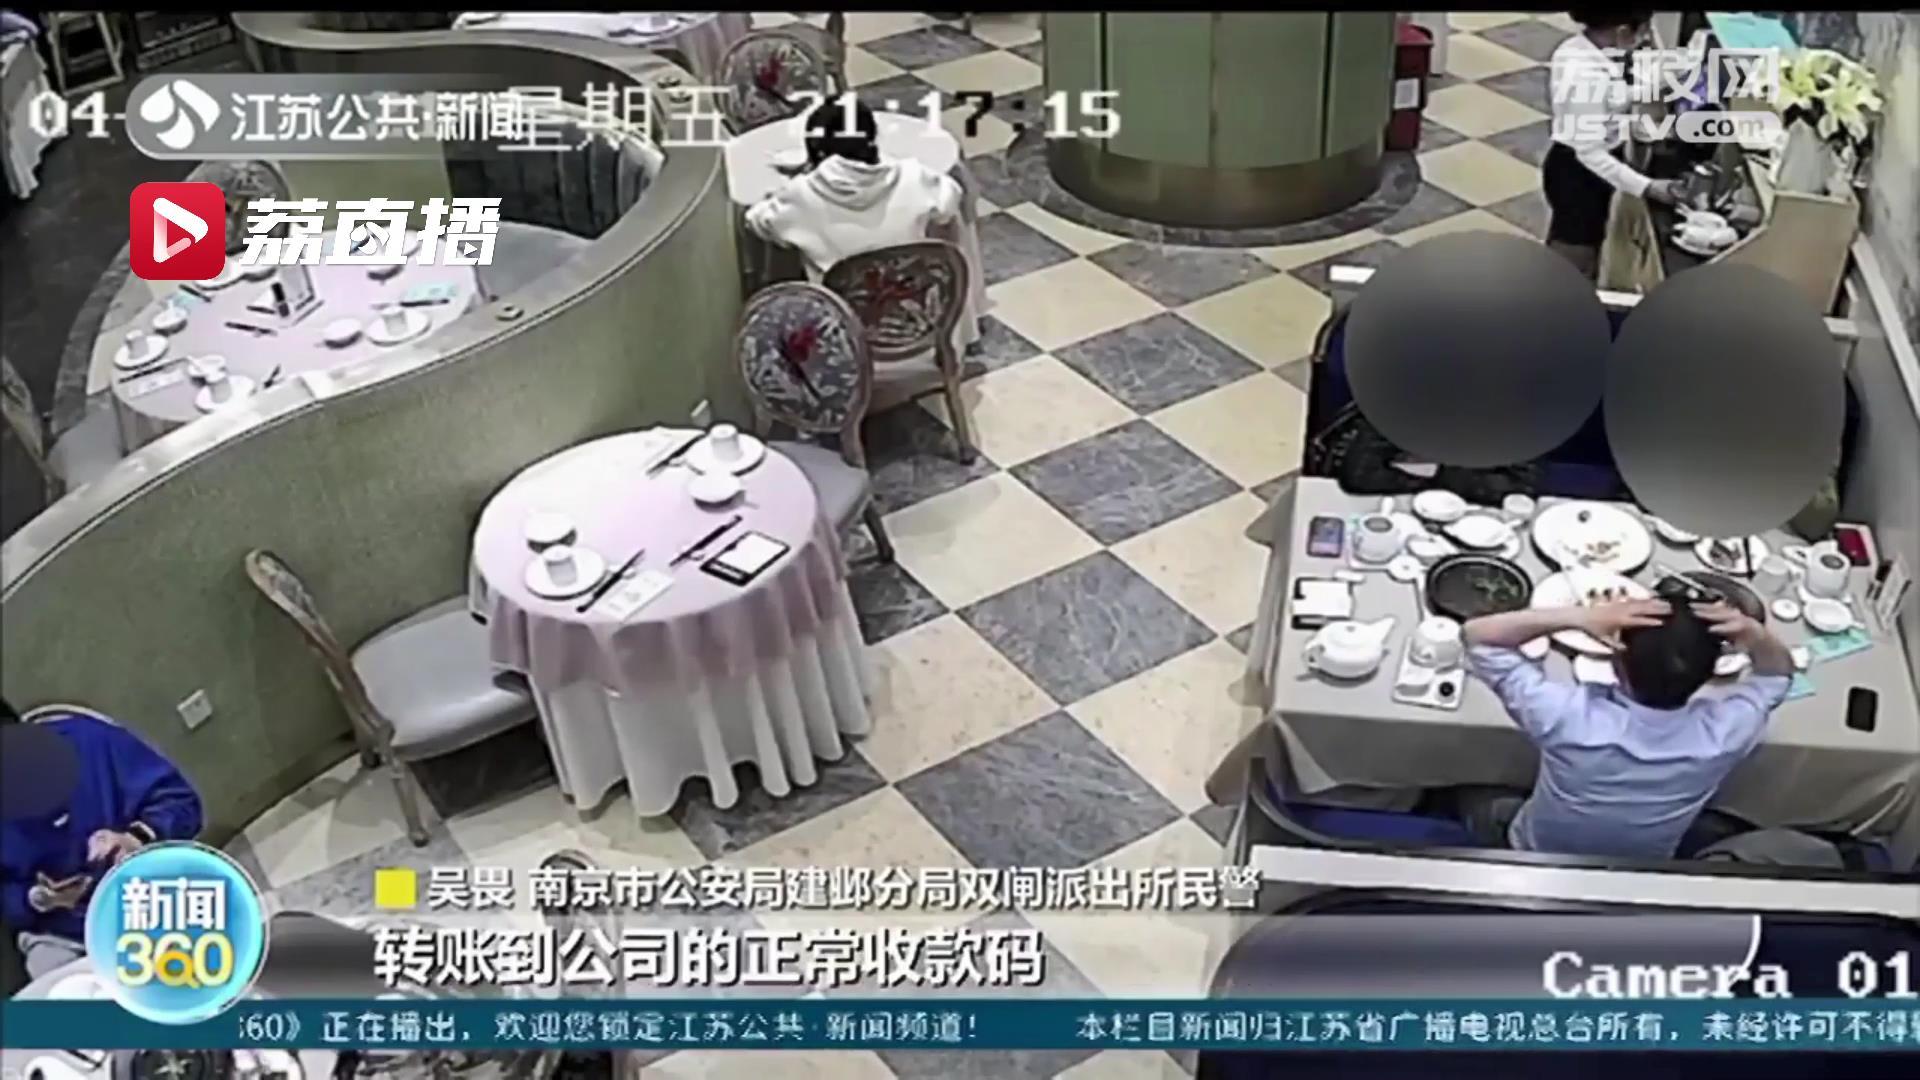 """涉嫌职务侵占!前厅员工冒用餐厅名义收款 三年盗走""""退菜费""""40多万"""